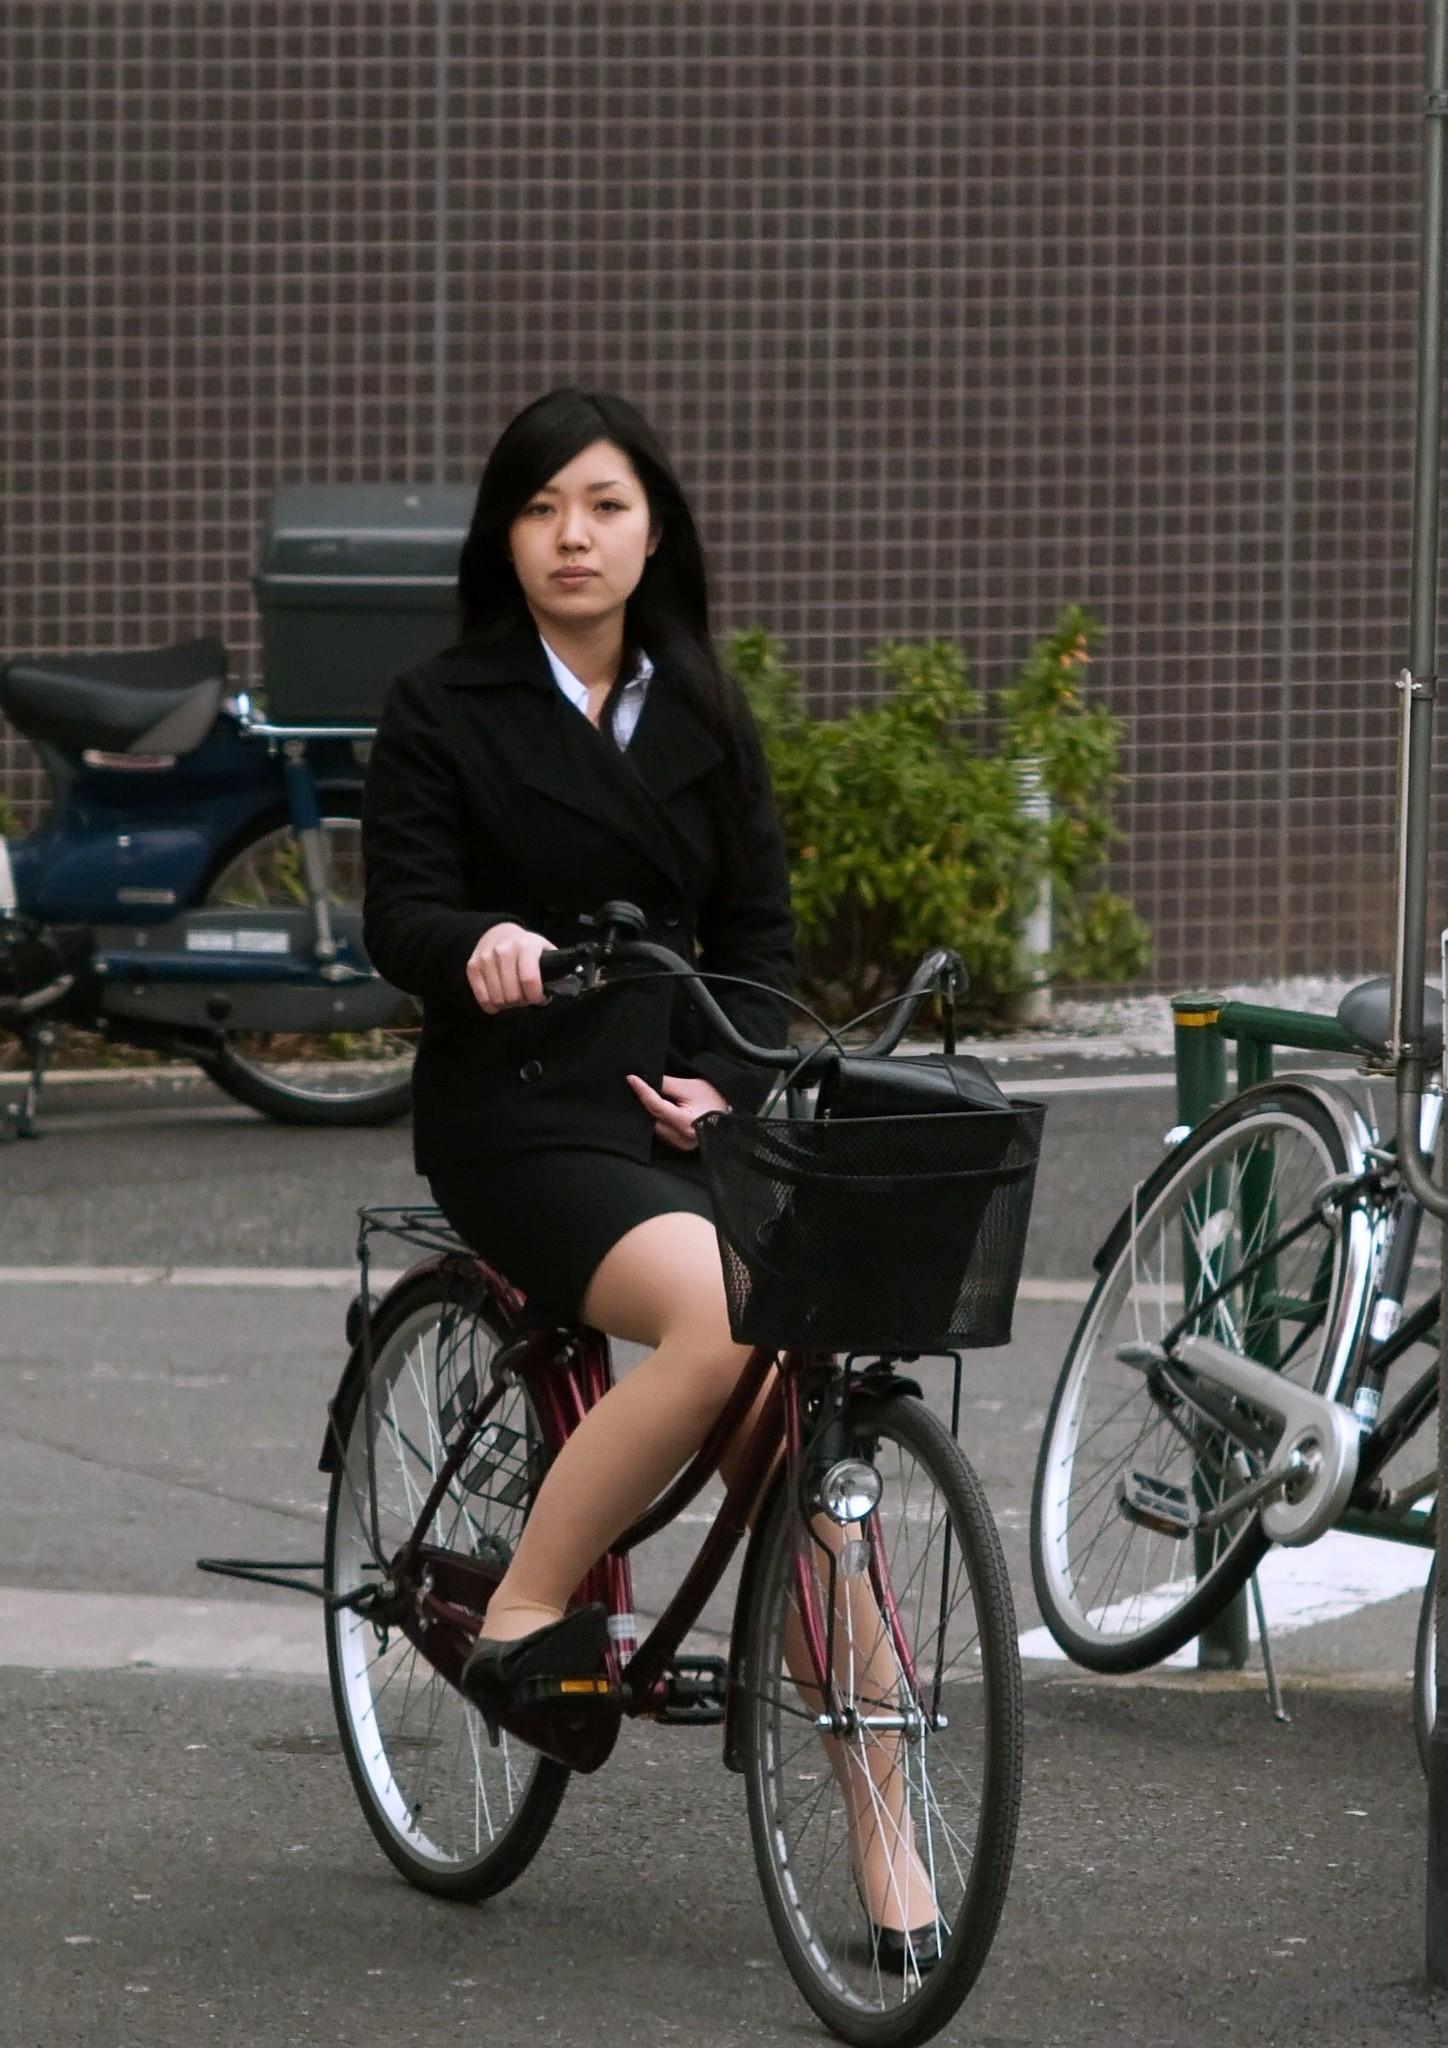 自転車に乗ったOLのパンチラGETの瞬間エロ画像5枚目